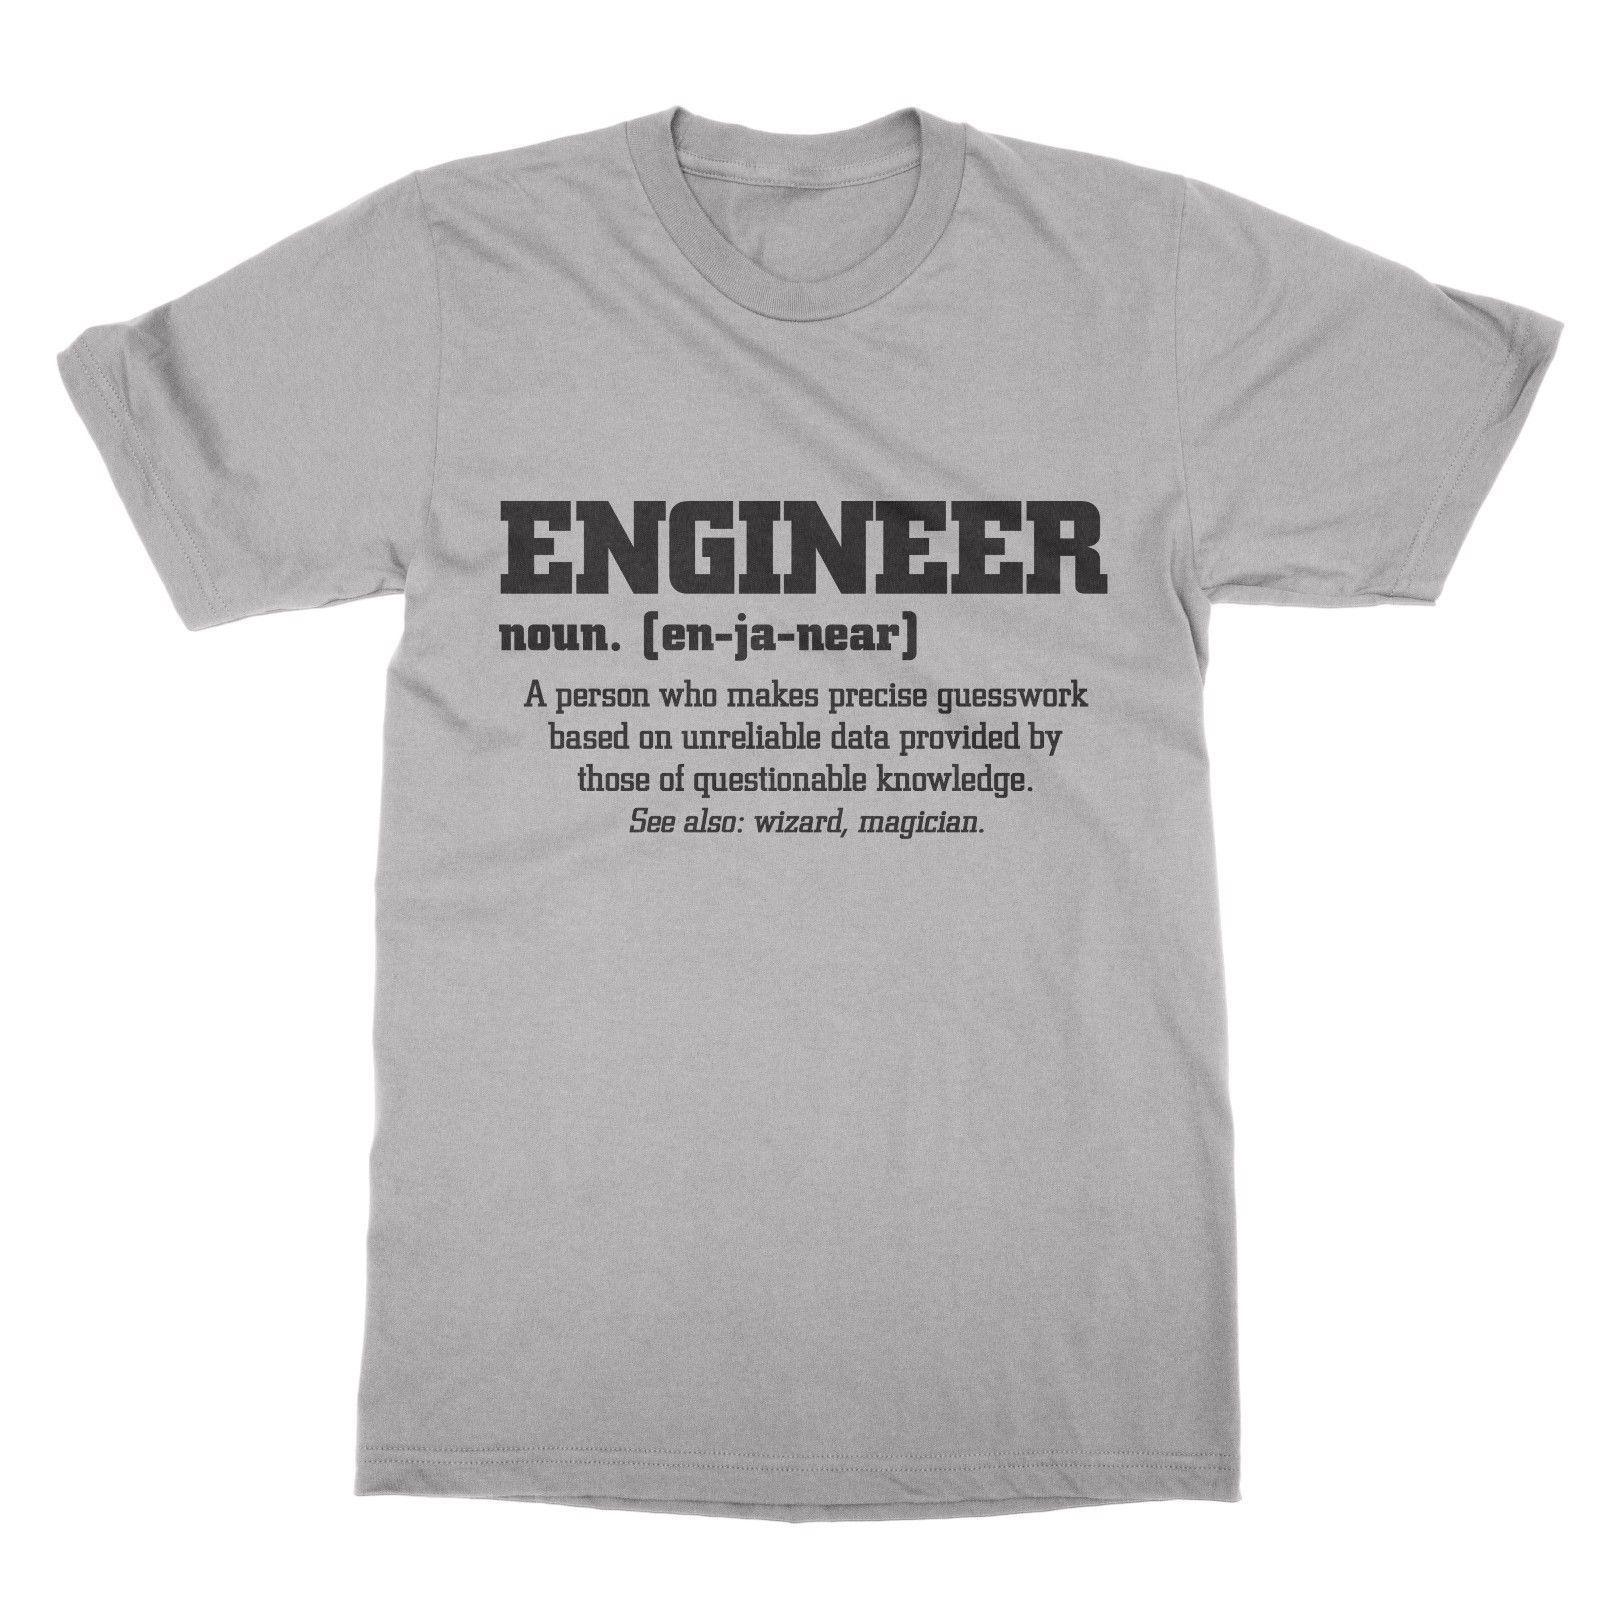 Acquista Ingegnere Definizione Maglietta Unisex Funny Nerd Regalo Di  Ingegneria Attuale 2018 New Fashion T Shirt Uomo In Cotone Slim A  24.2 Dal  ... a701d0f32a5